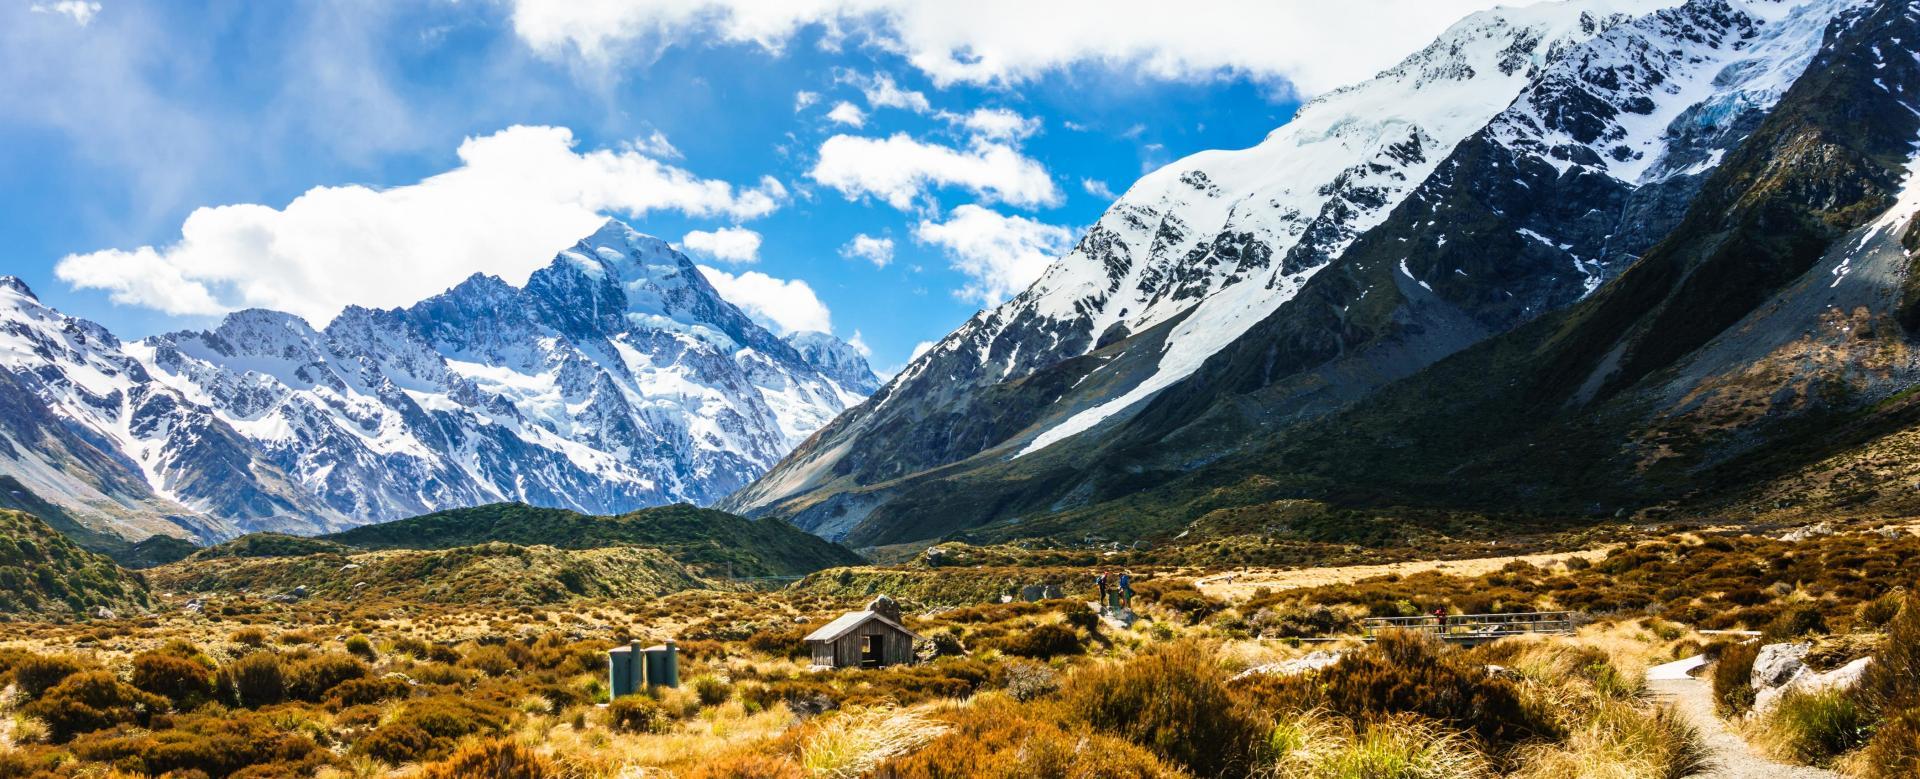 Voyage à pied : Grand tour de la nouvelle-zélande